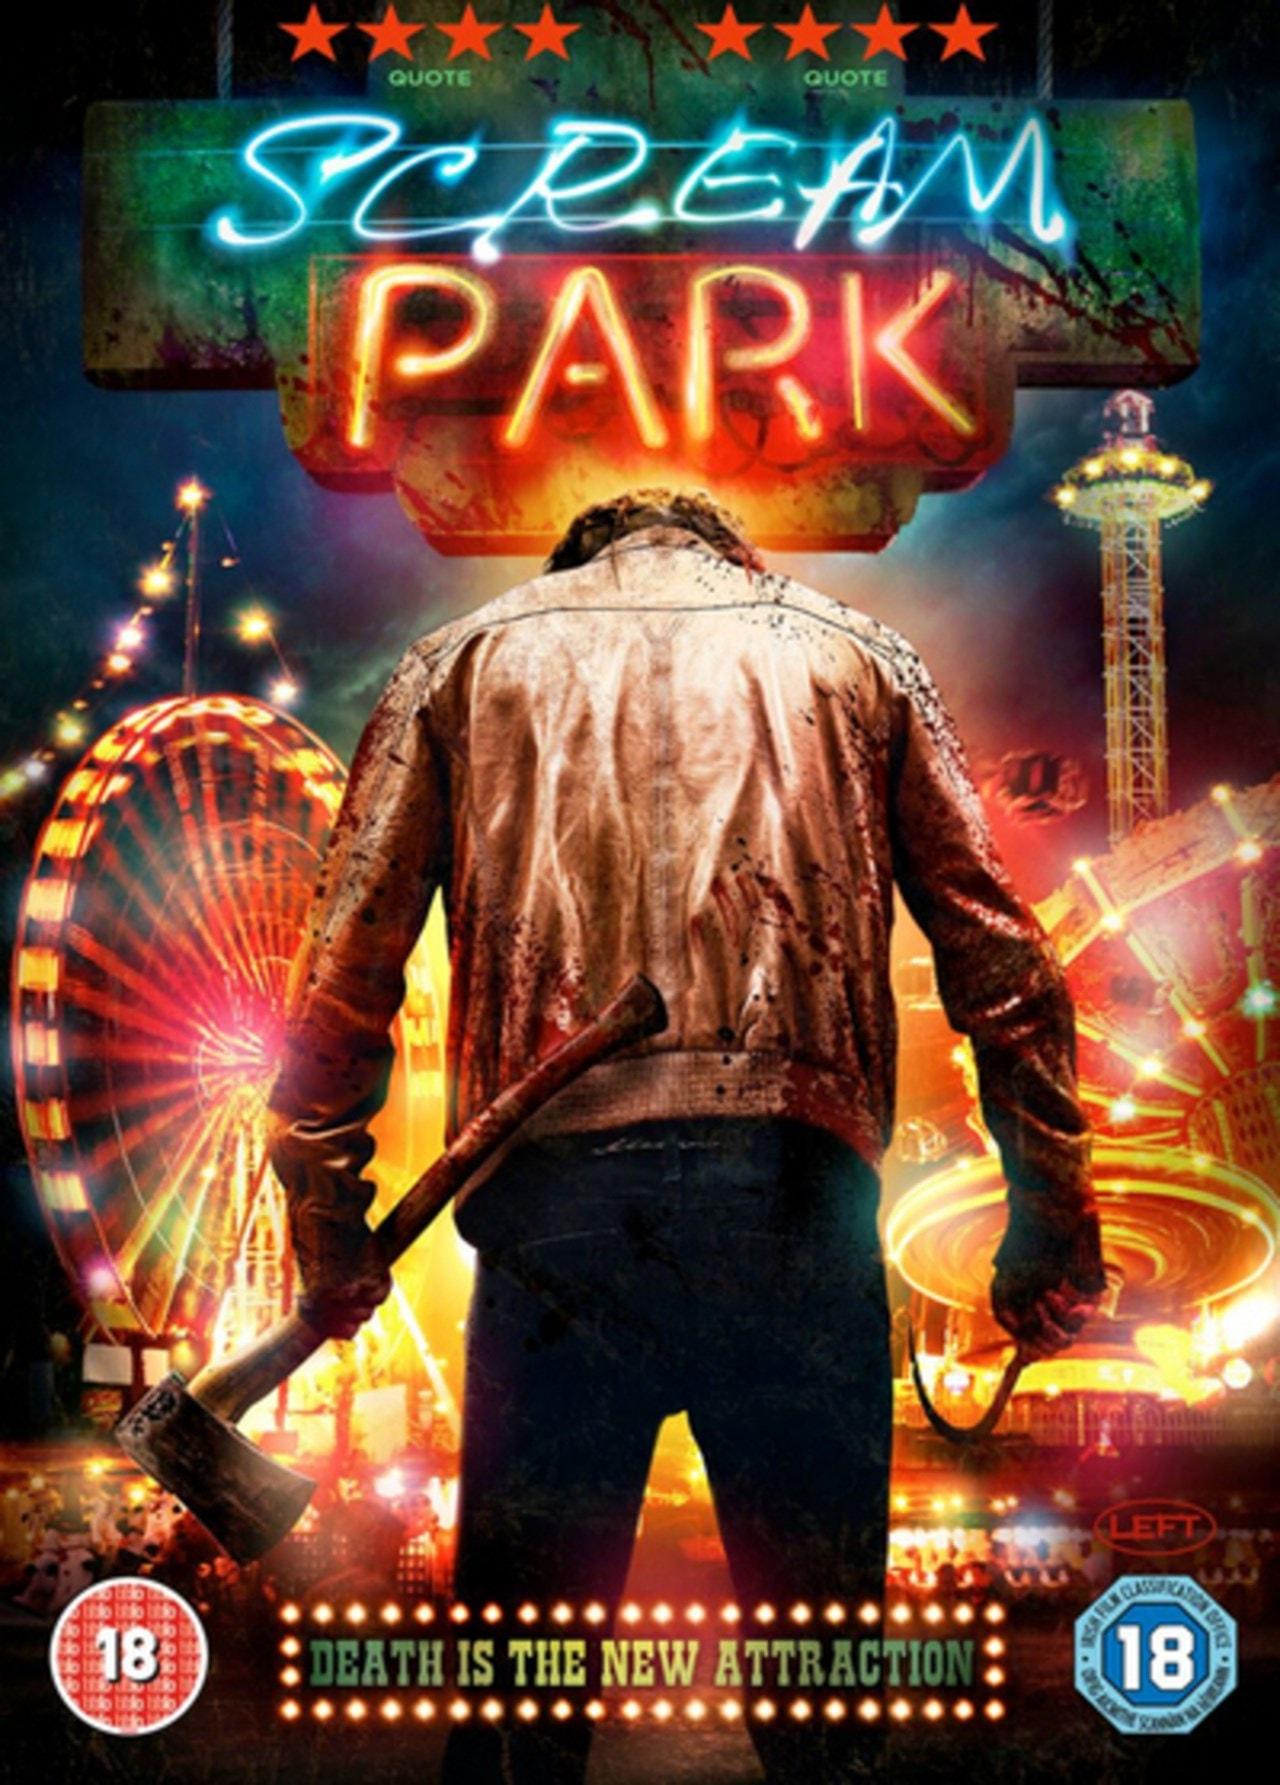 Scream Park - 1